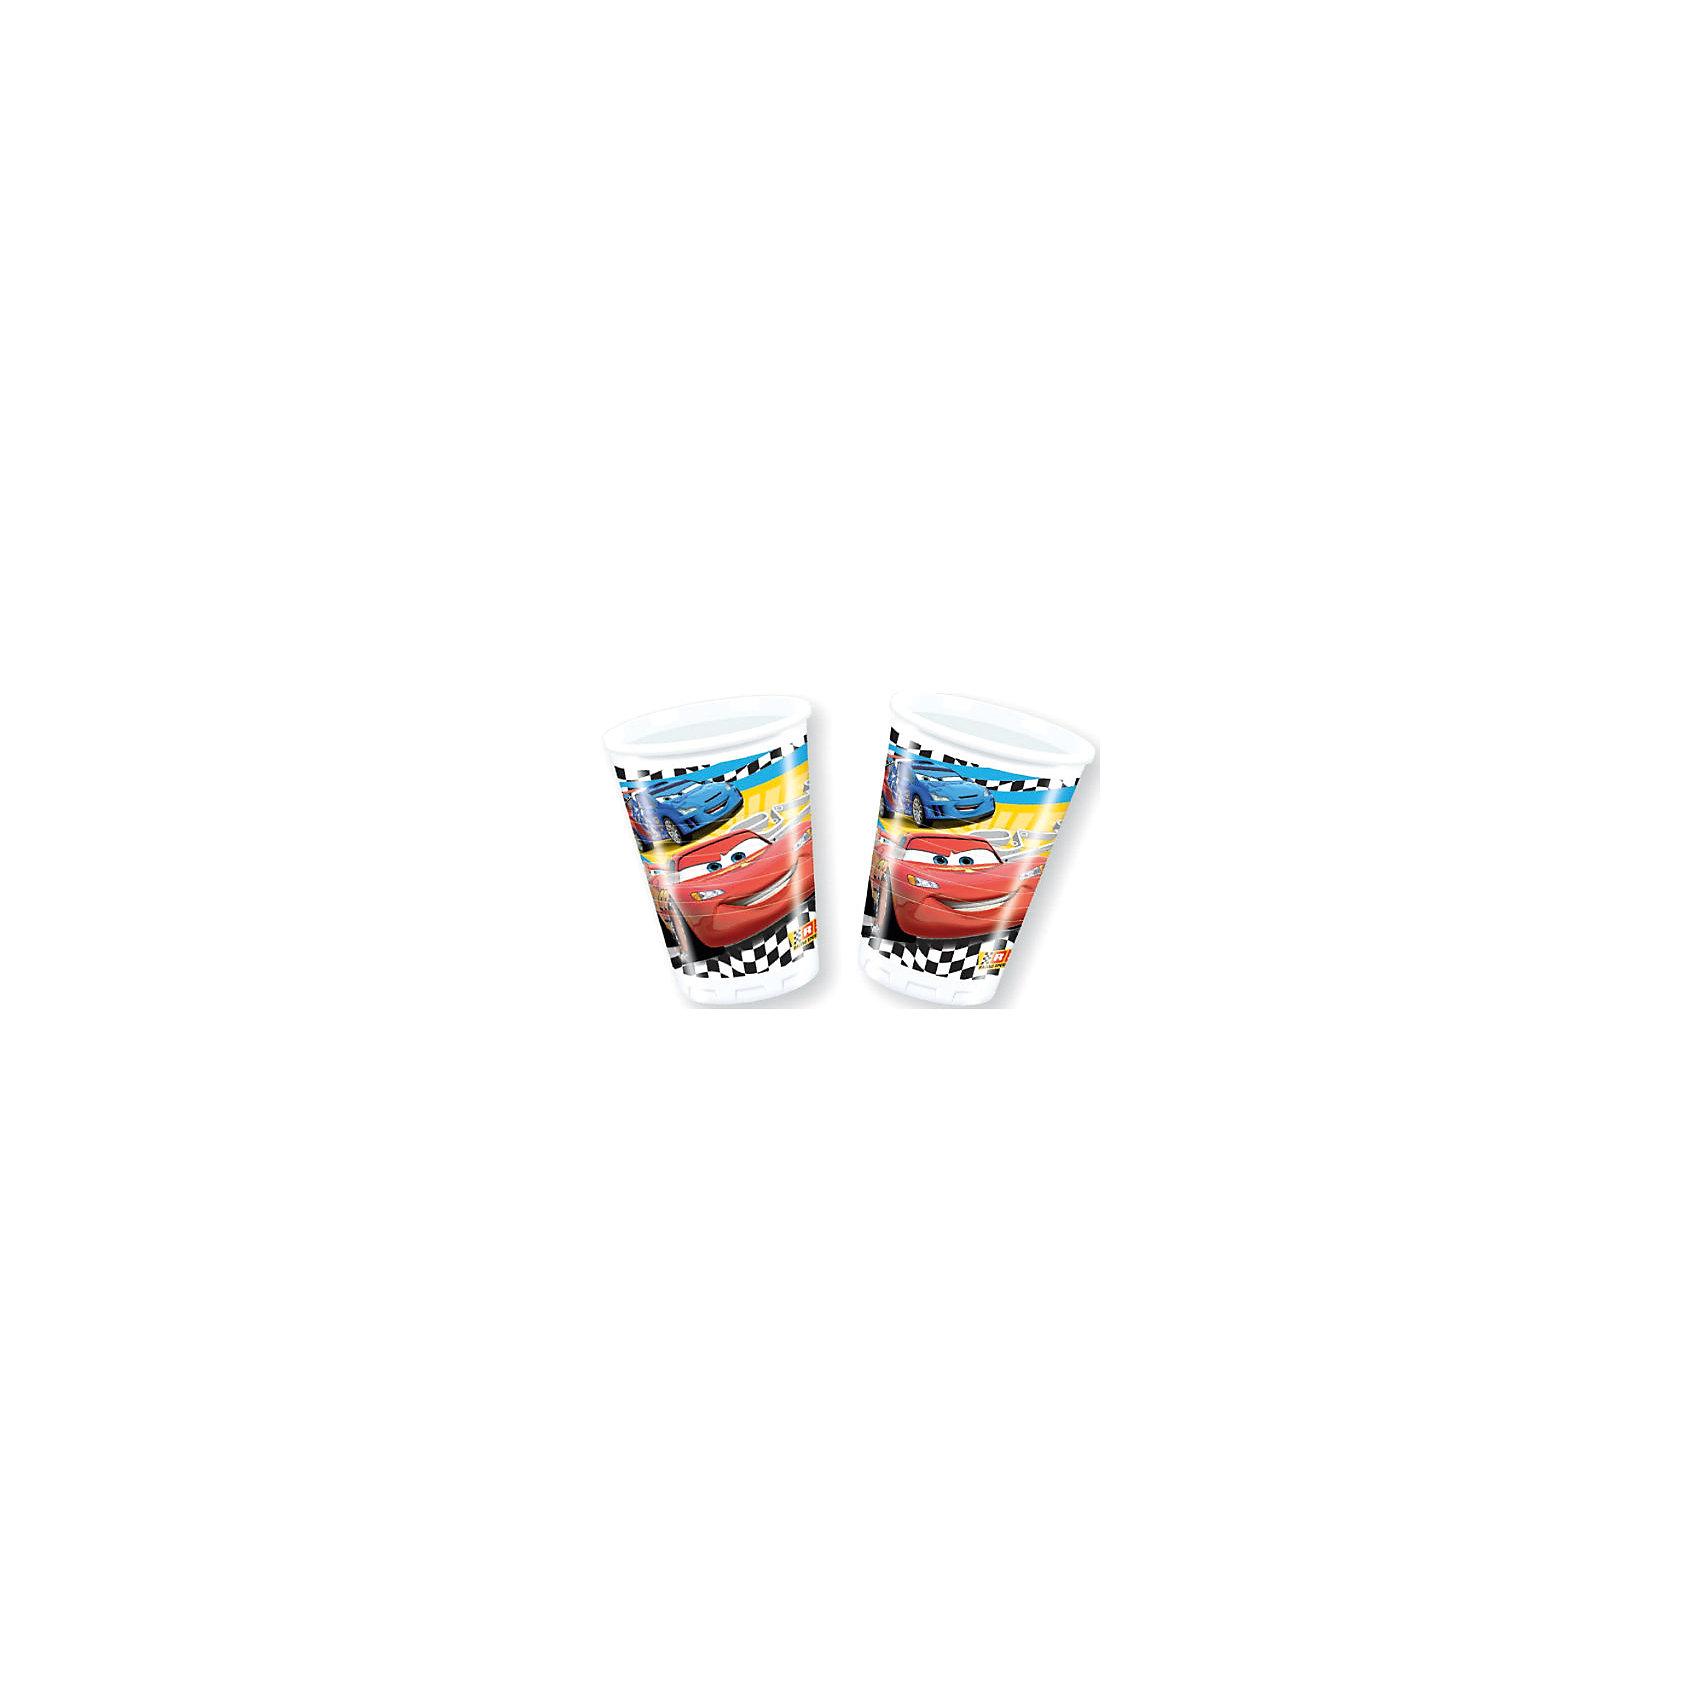 Стаканы пластиковые Тачки RSN 180 мл, 8 шт.Всё для праздника<br>Молния Маккуин – это самая известная гоночная машинка, которая прославилась благодаря увлекательному и веселому мультфильму студии Уолта Диснея. Пластиковые стаканы Тачки RSN станут не только оригинальным аксессуаром для оформления стола, но и обезопасят Вас разбитой посуды. Стаканы сделаны из качественных и прочных материалов, не токсичны, противоаллергенны и безопасны для здоровья Вашего ребенка.@#<br>Объем: 180 мл.@#<br>Количество: 8 шт.@#<br>Для детей от 3 лет.@#<br><br>Ширина мм: 70<br>Глубина мм: 70<br>Высота мм: 125<br>Вес г: 5<br>Возраст от месяцев: 36<br>Возраст до месяцев: 120<br>Пол: Мужской<br>Возраст: Детский<br>SKU: 6914342